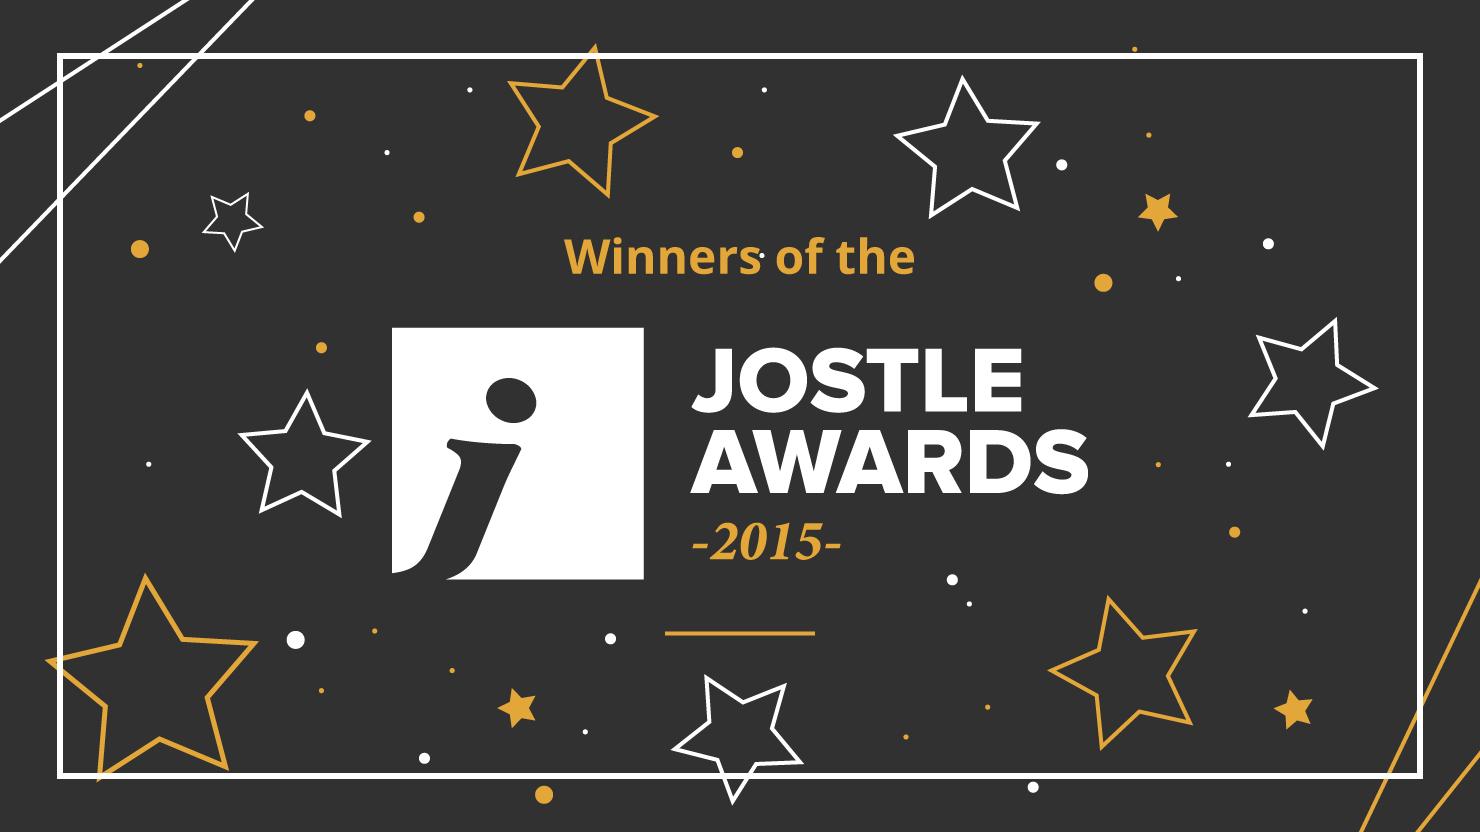 Jostle Awards 2015 Winners revealed!